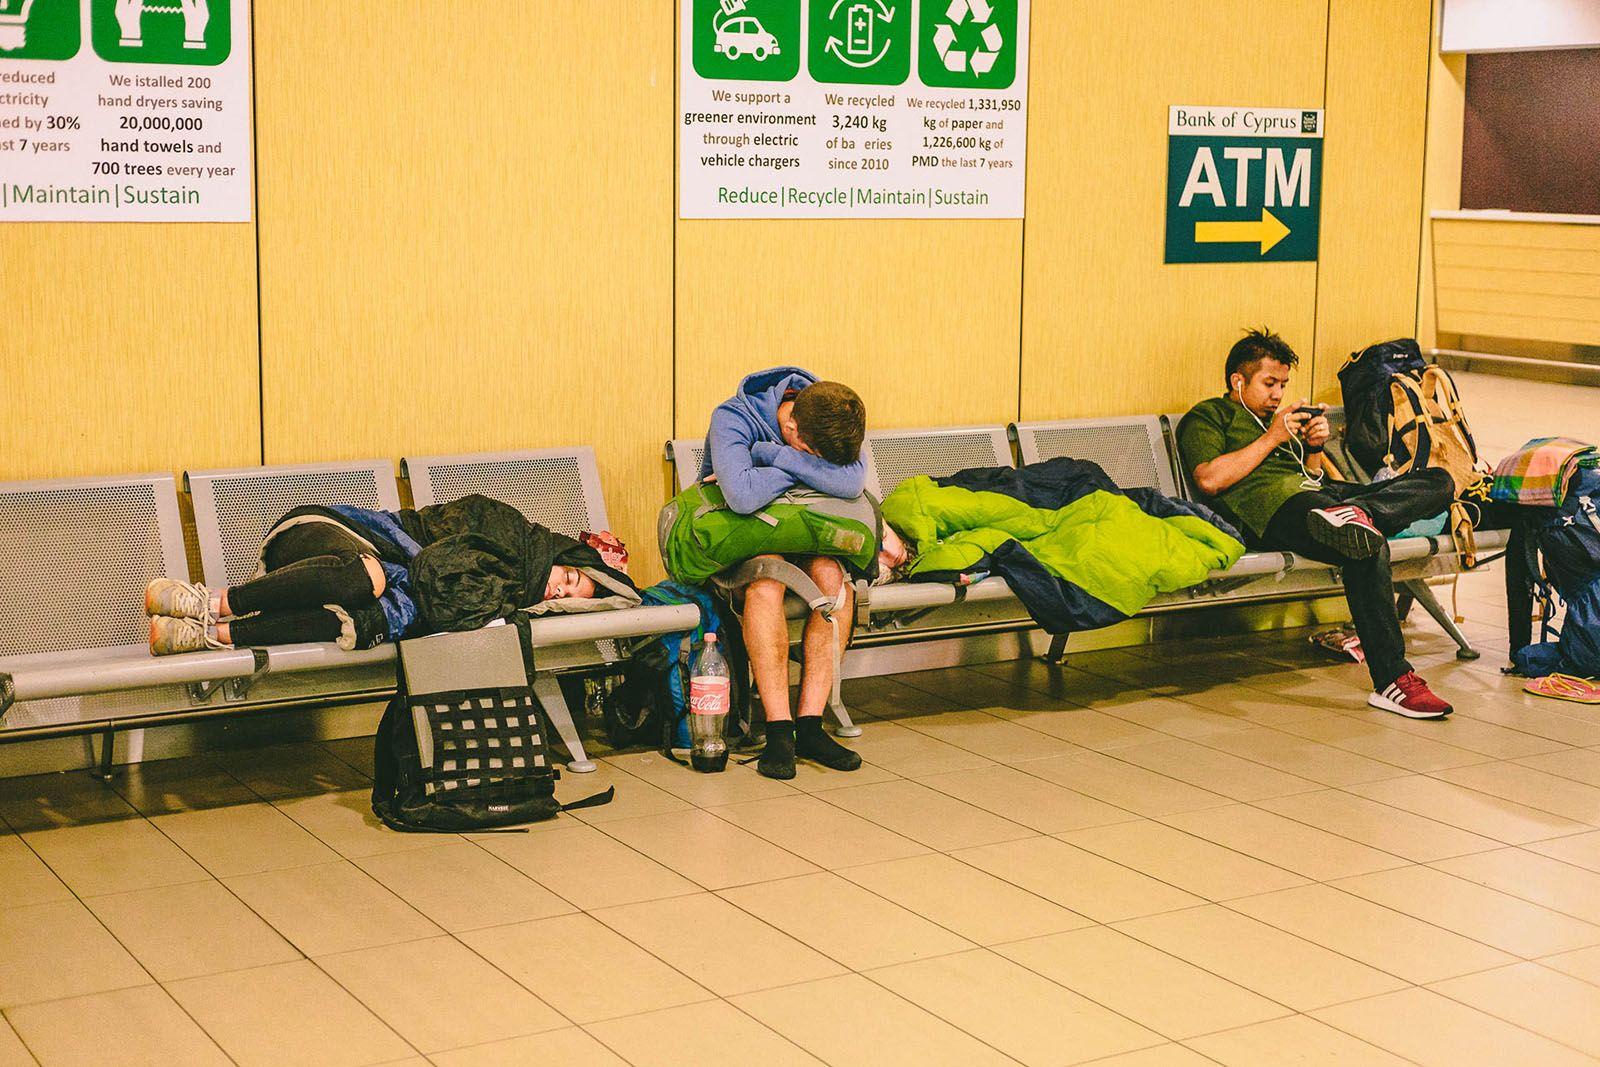 Аеропорт в Пафосі